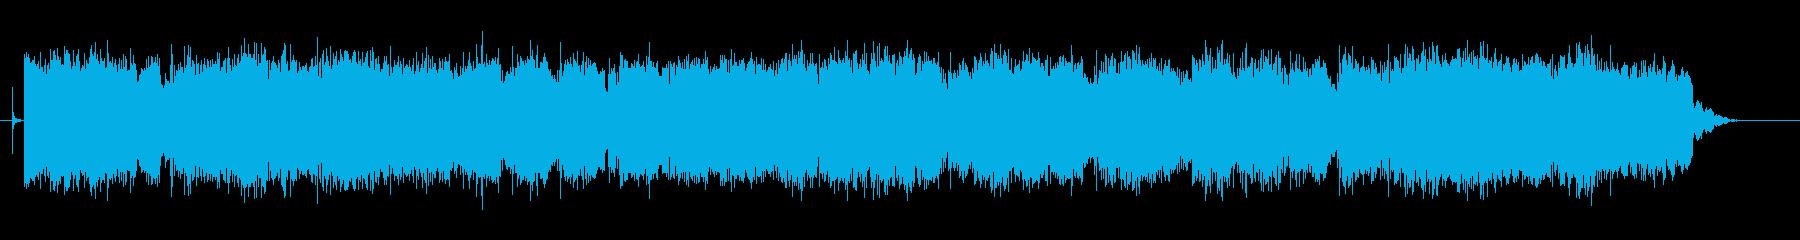 ノスタルジックな中国風BGM2の再生済みの波形